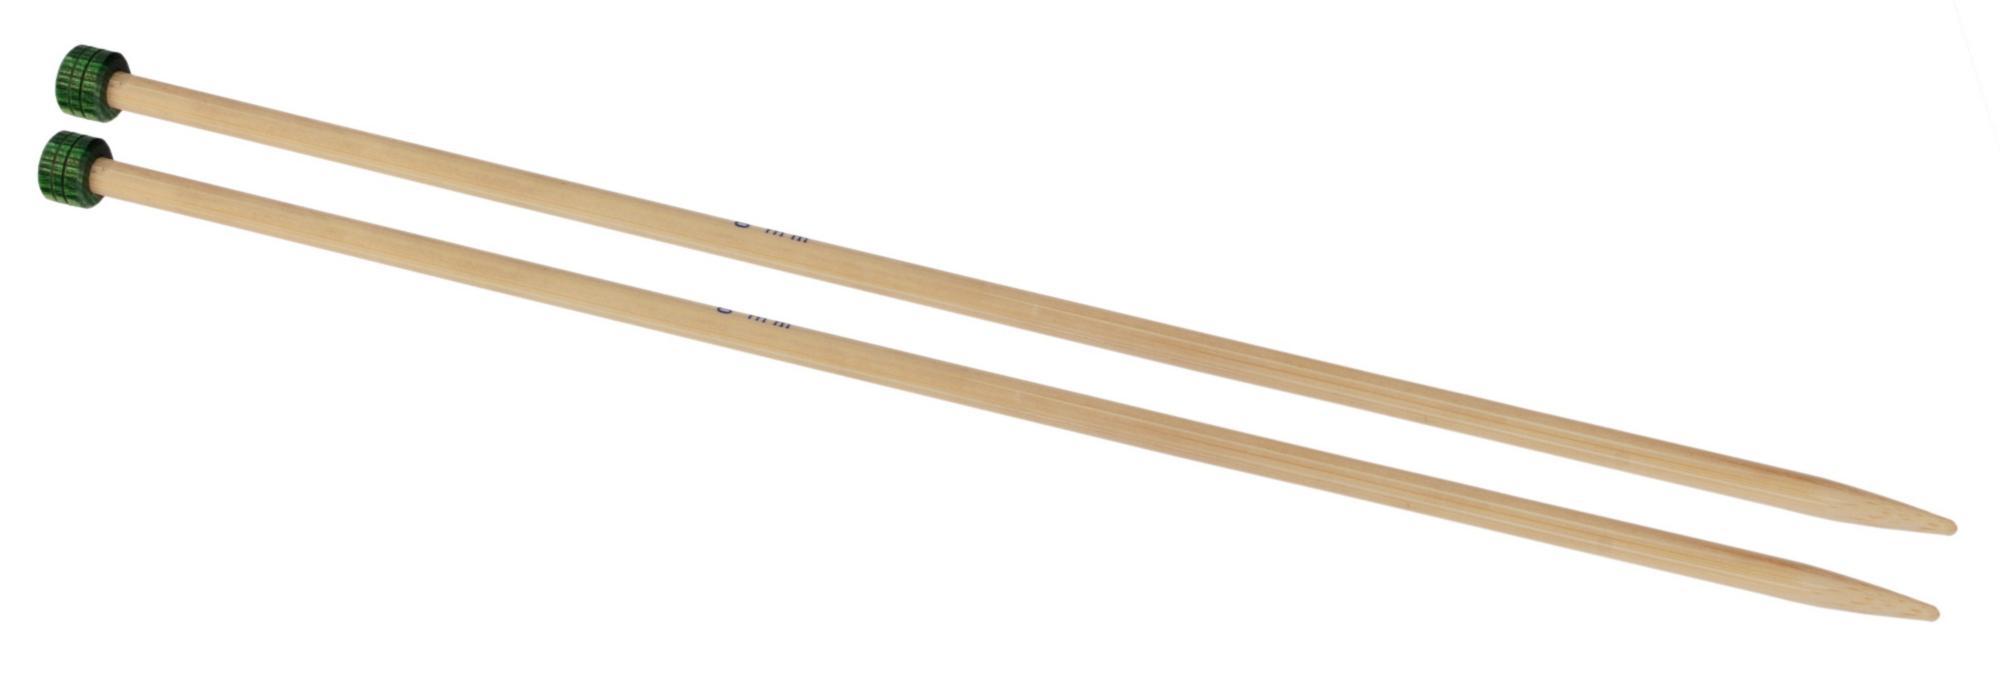 Спицы прямые 25 см Bamboo KnitPro, 22313, 7.00 мм